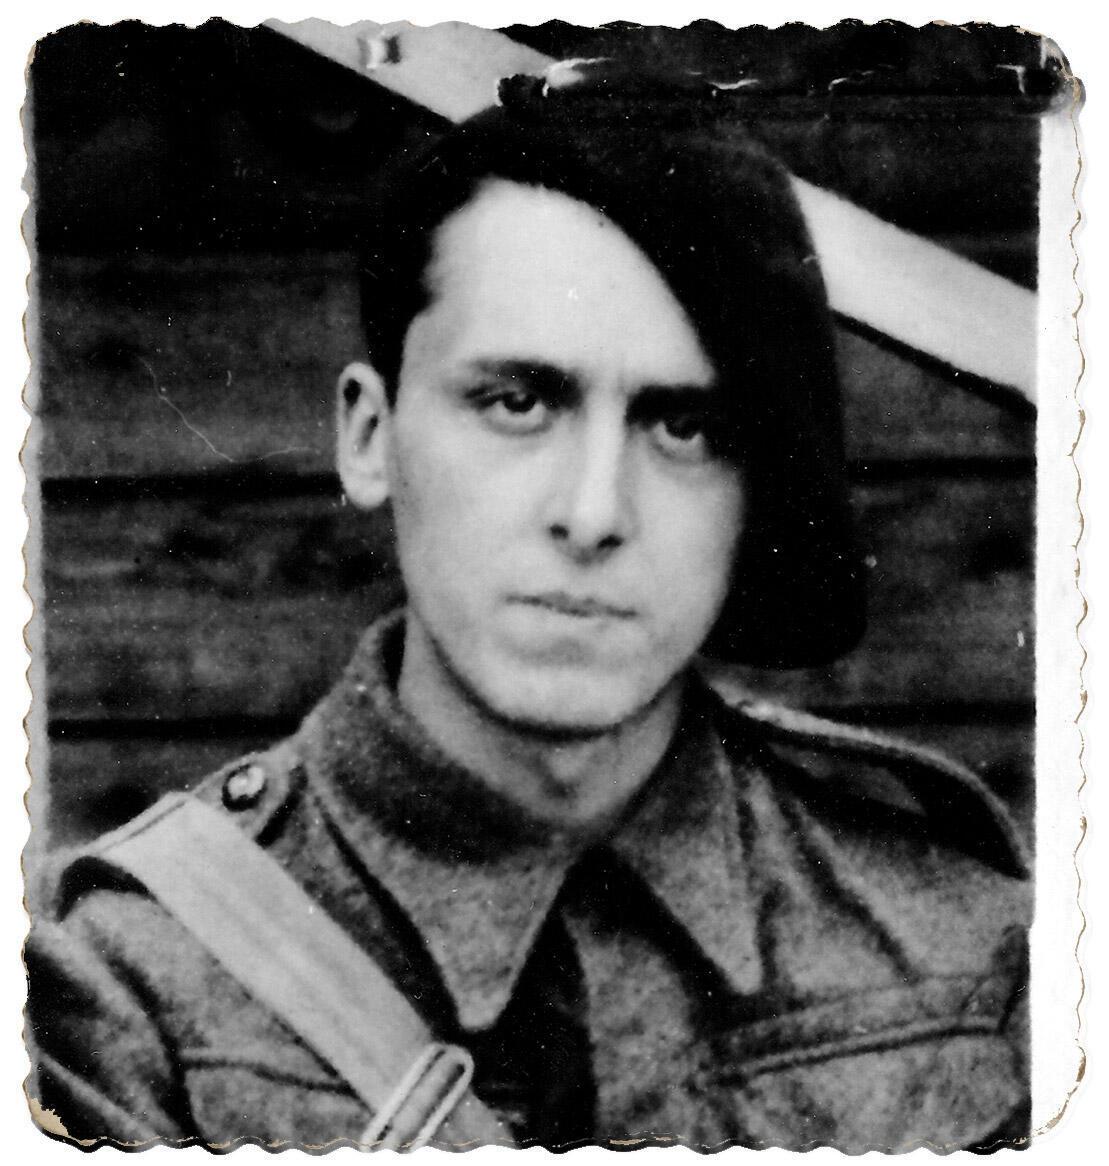 Daniel Cordier en Angleterre en juillet 1940.